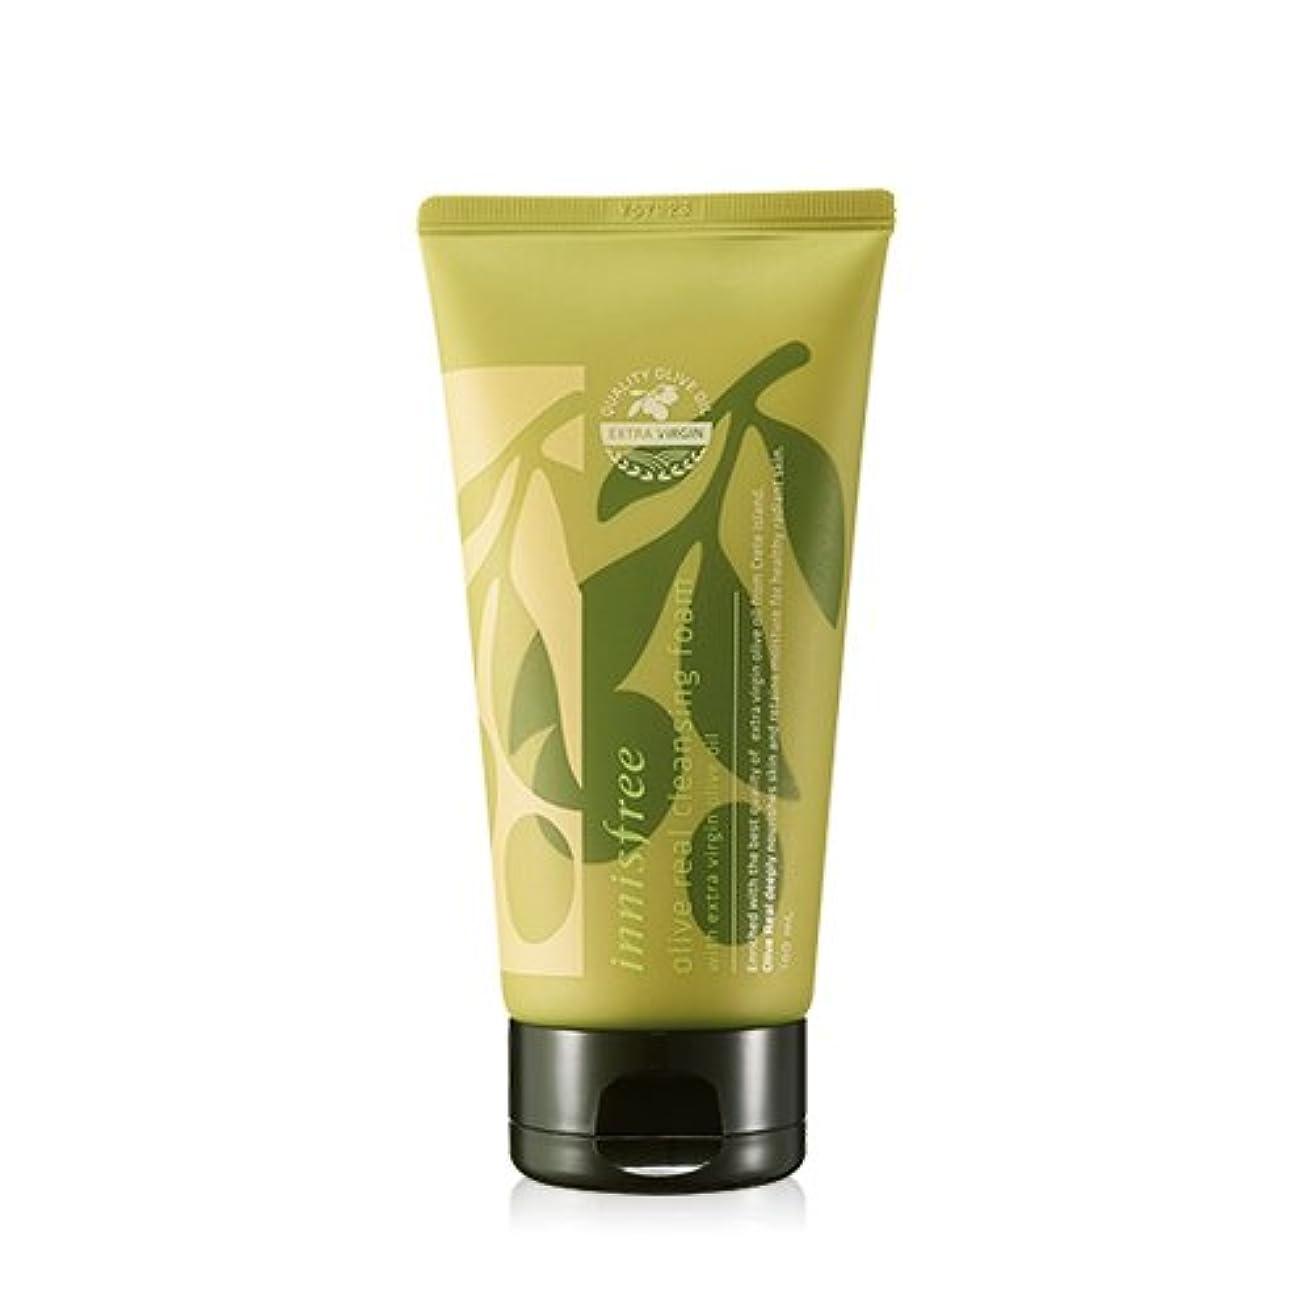 ゴール相関するマント(3 Pack) INNISFREE Olive Real Cleansing Foam 150ml (並行輸入品)